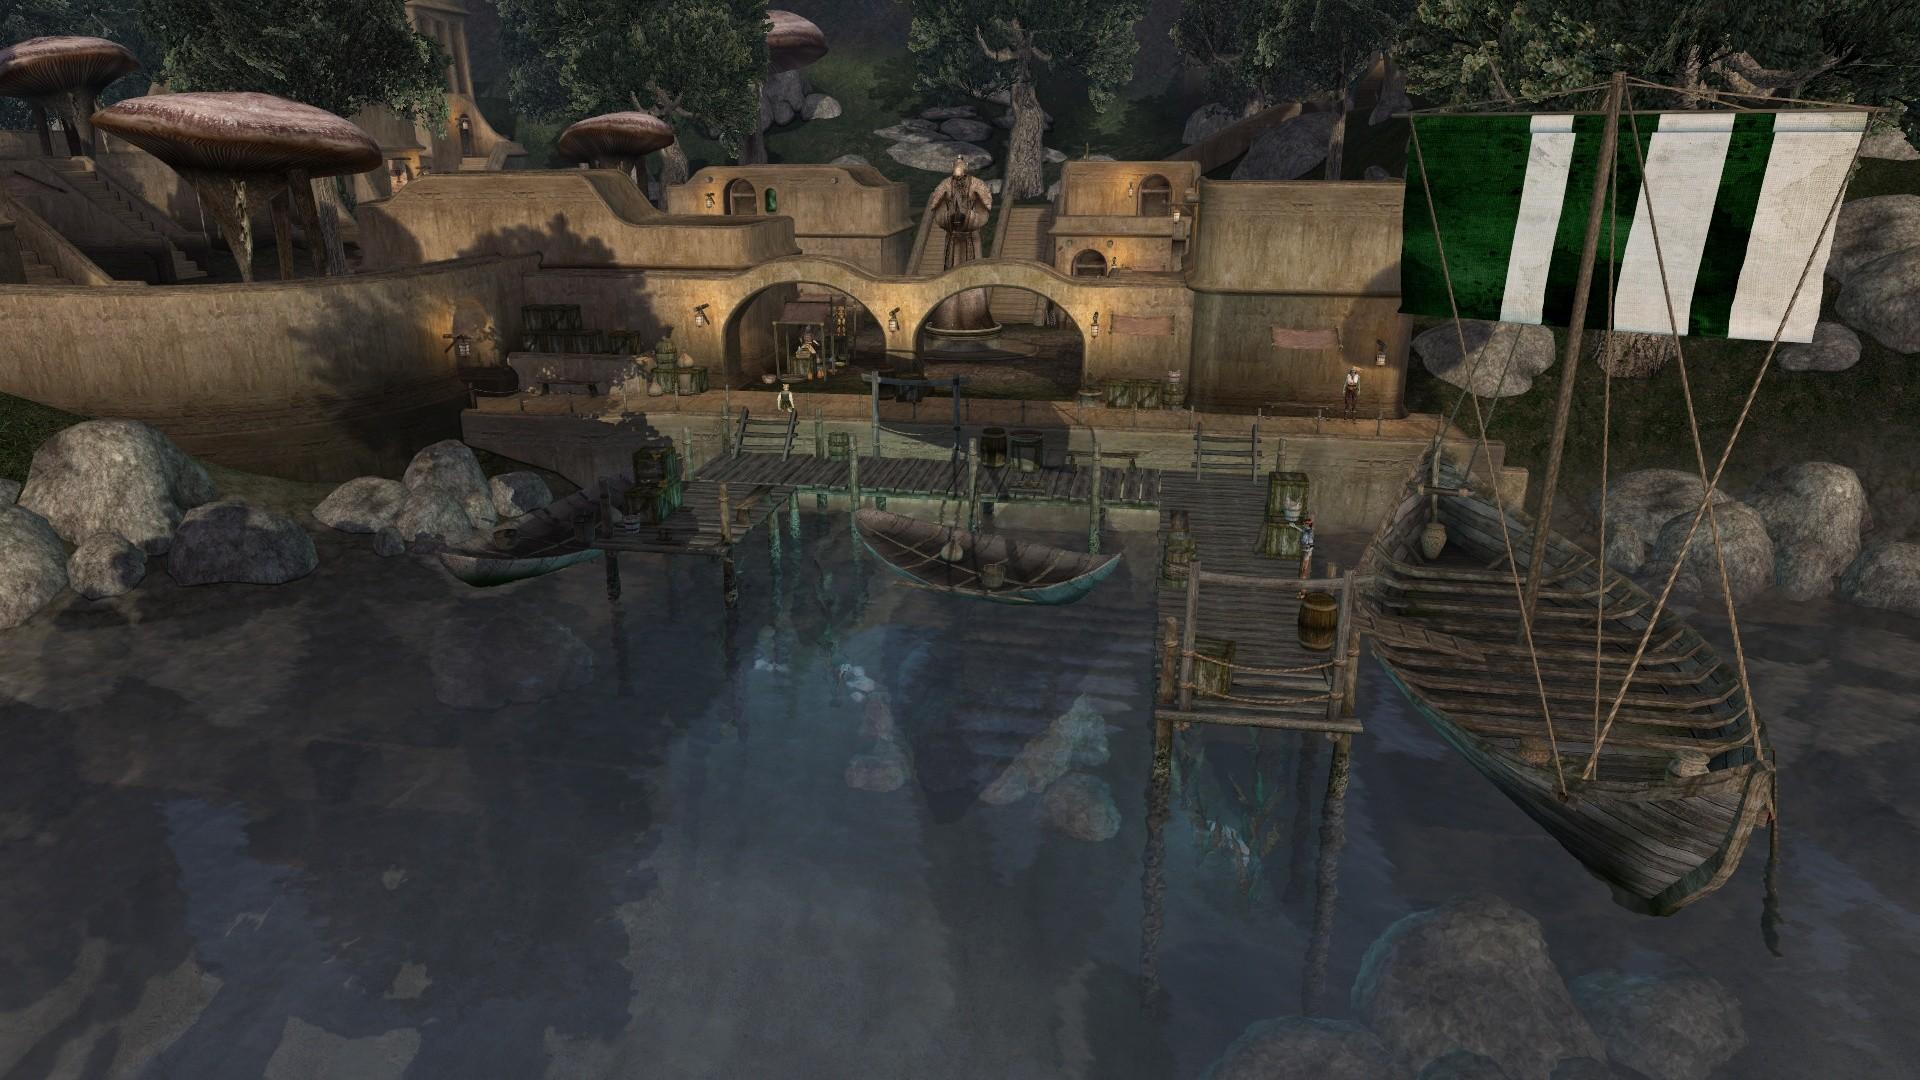 Morrowind HD wallpapers #5